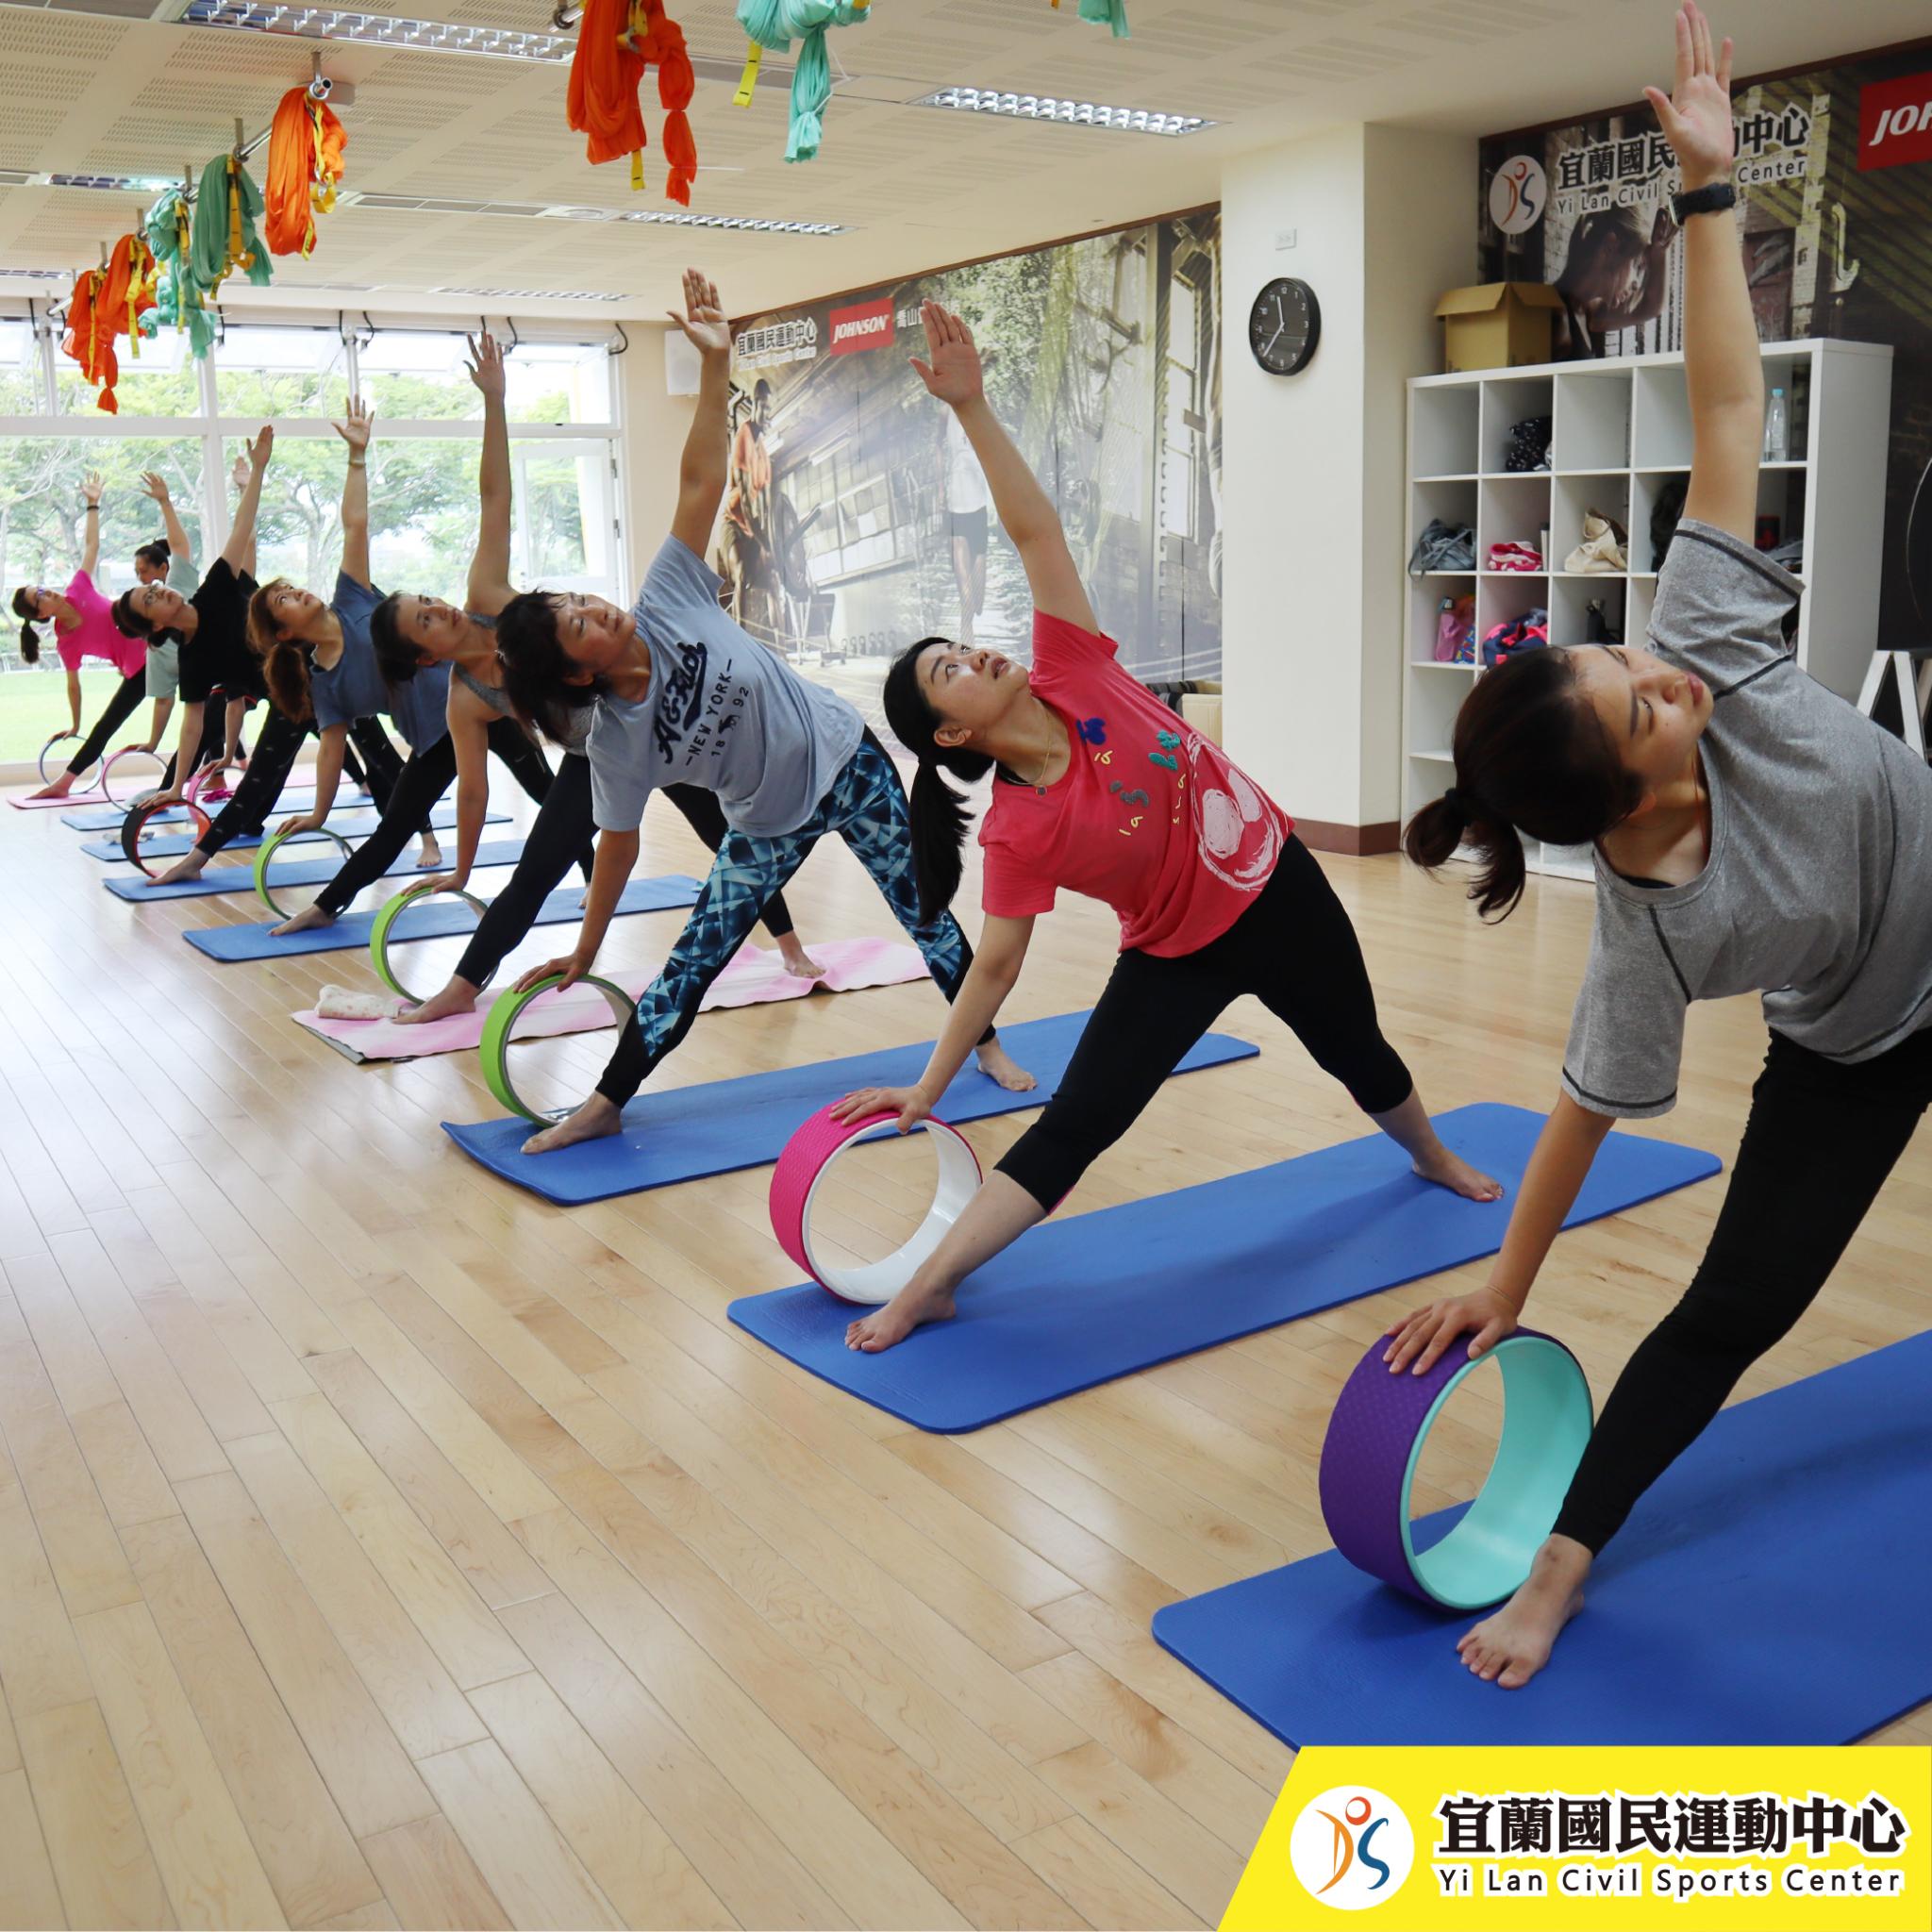 瑜珈輪-上課情況(JPG)